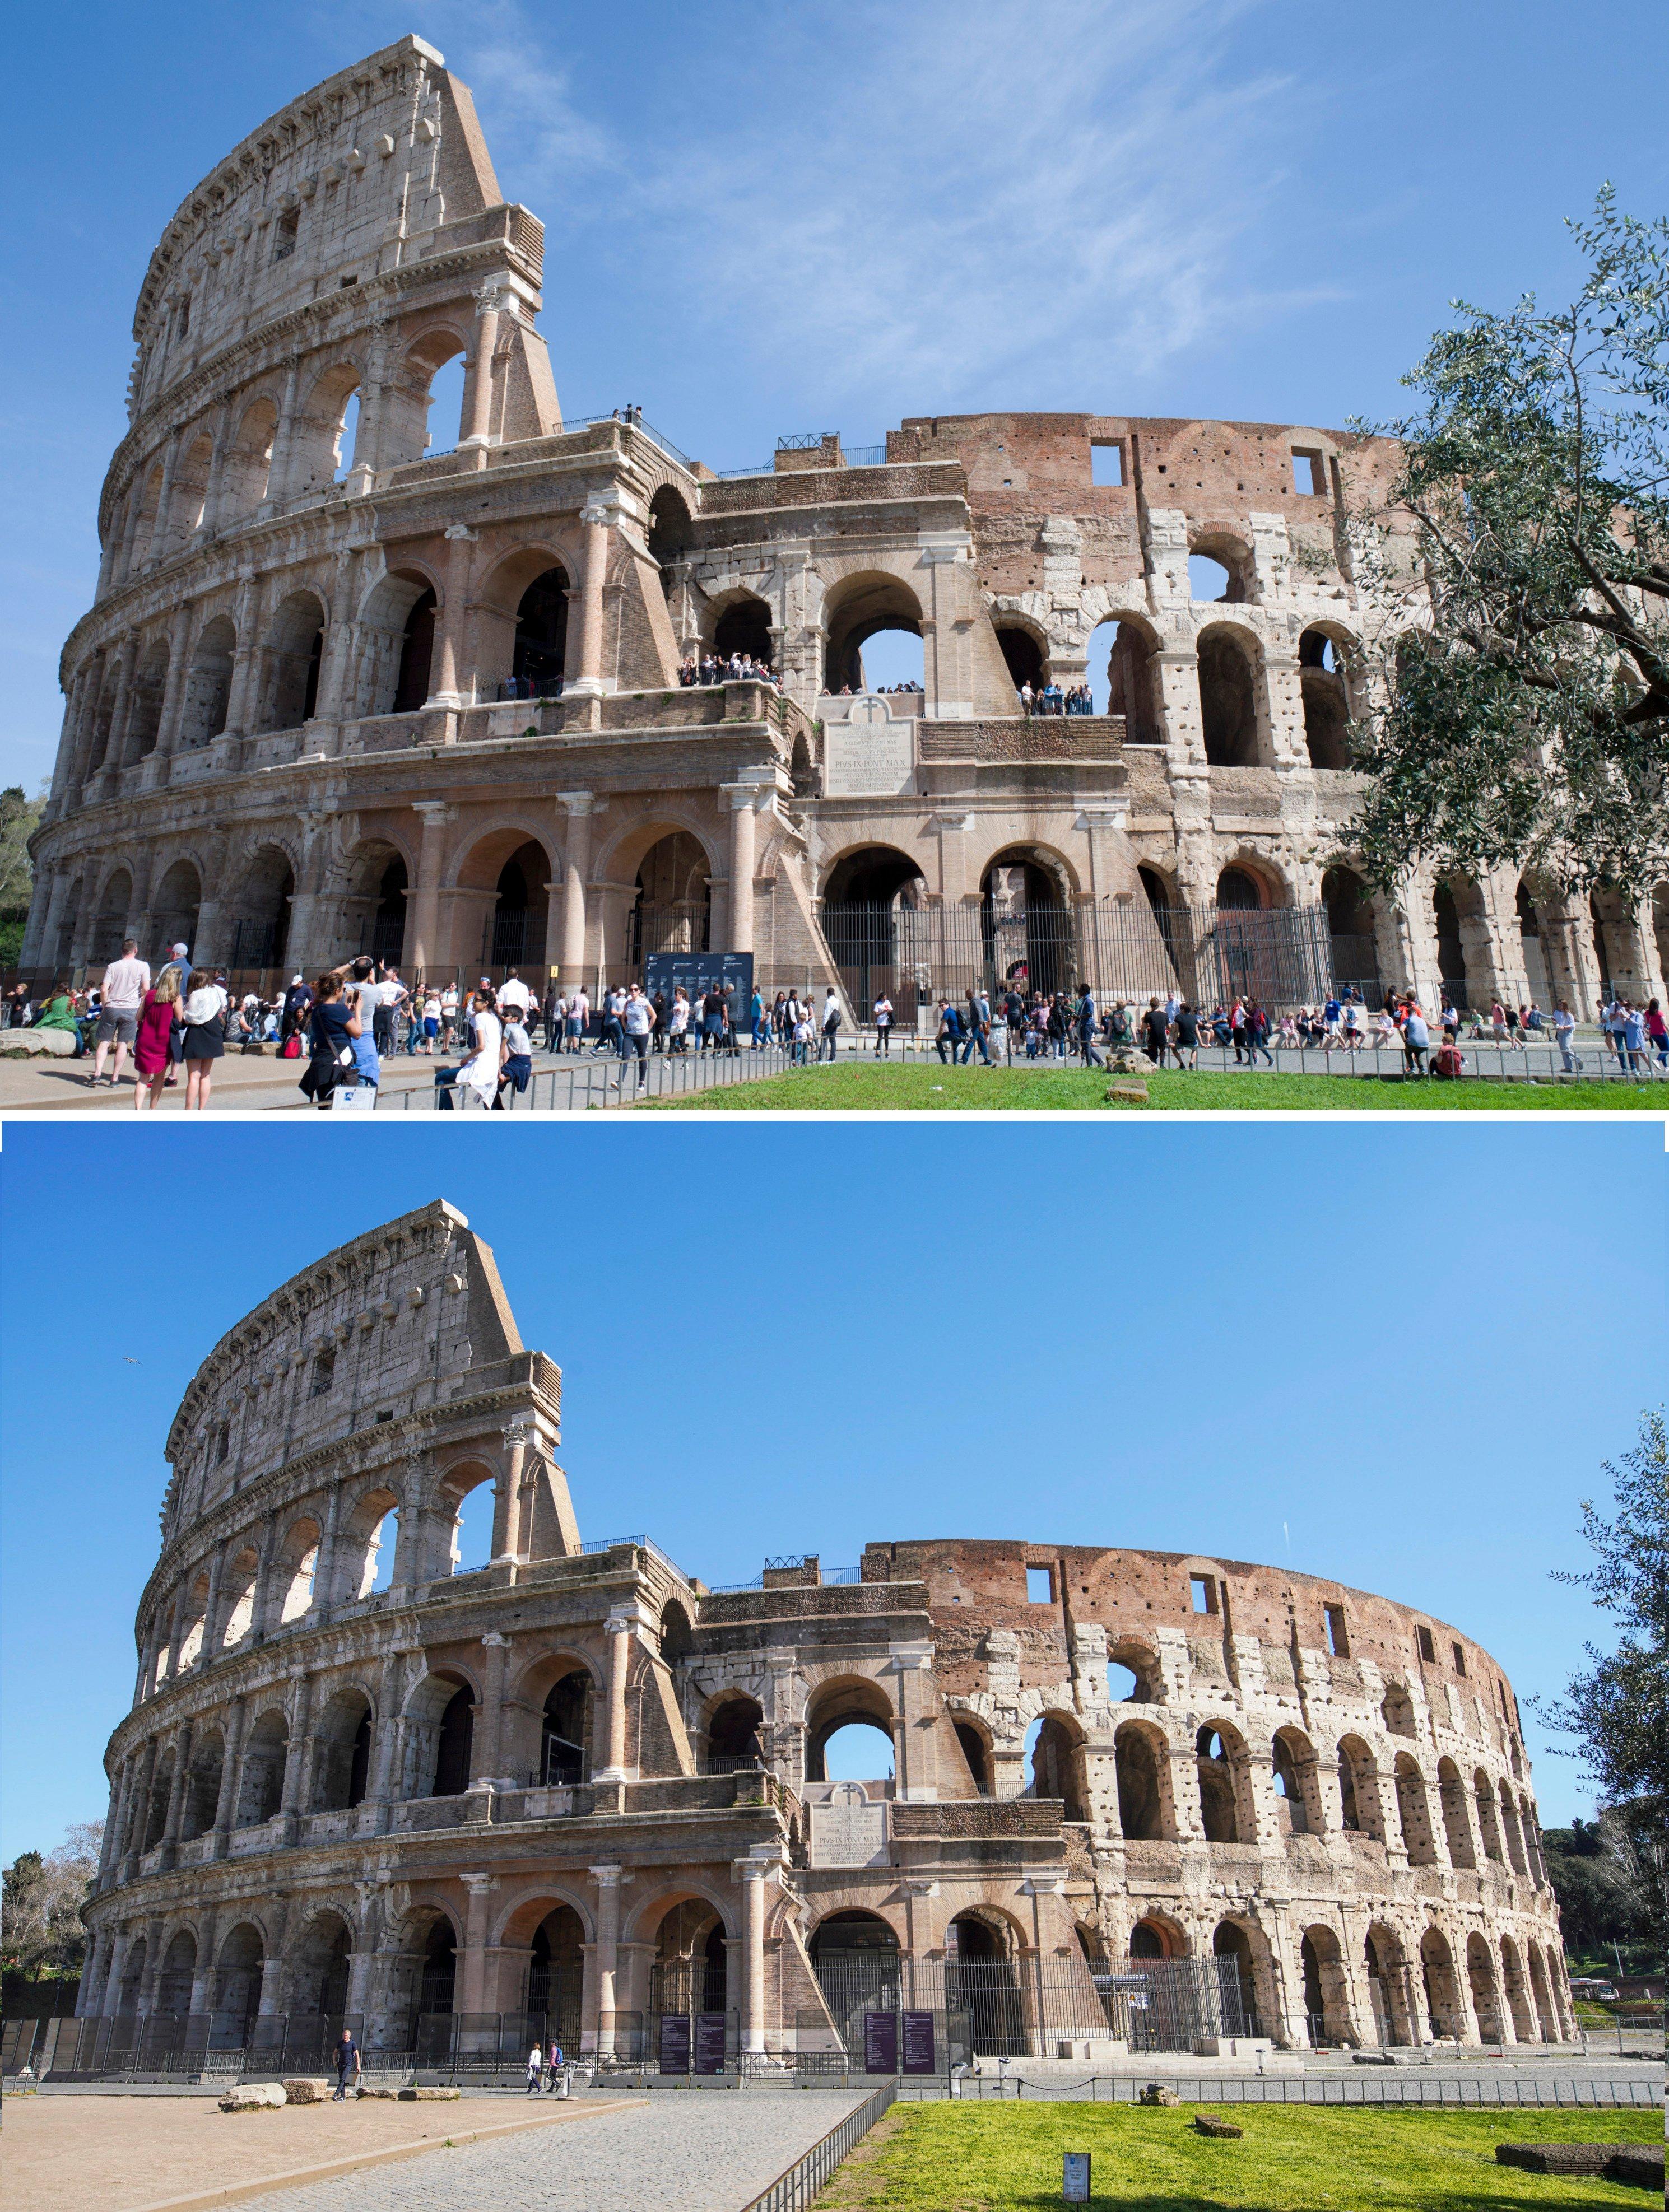 Colosseum.